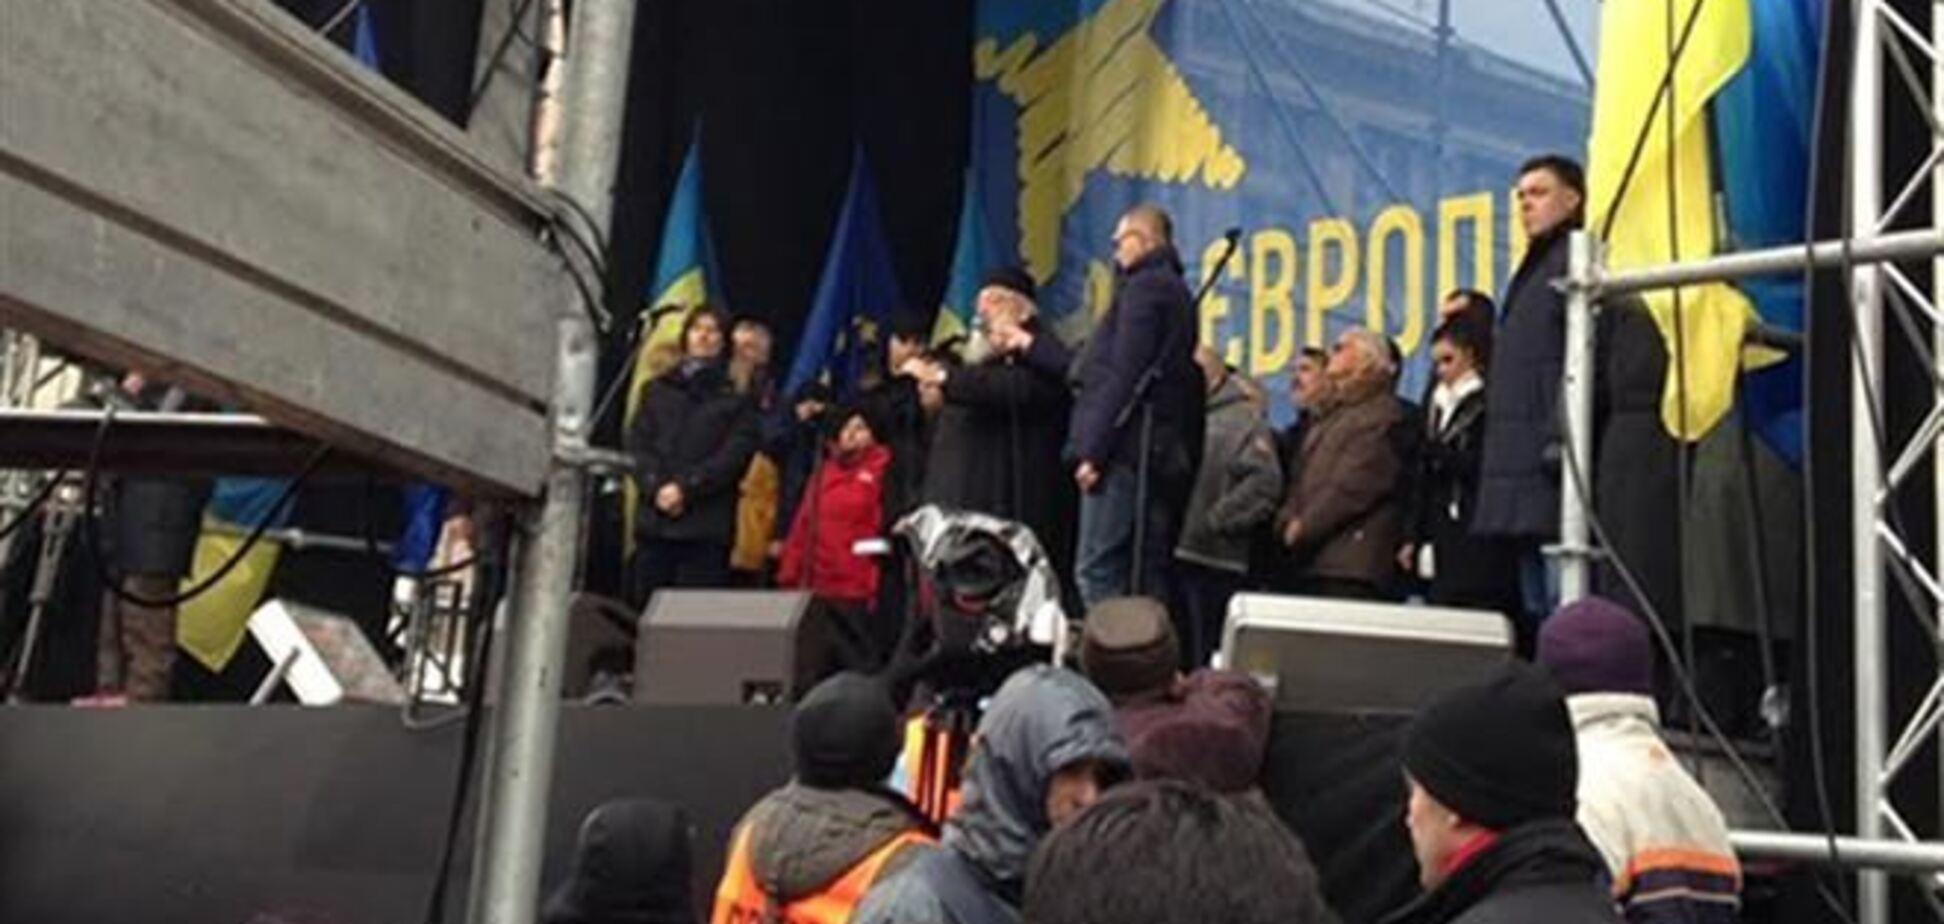 Евромайдан требует обнародовать результаты переговоров Януковича и Путина в Сочи